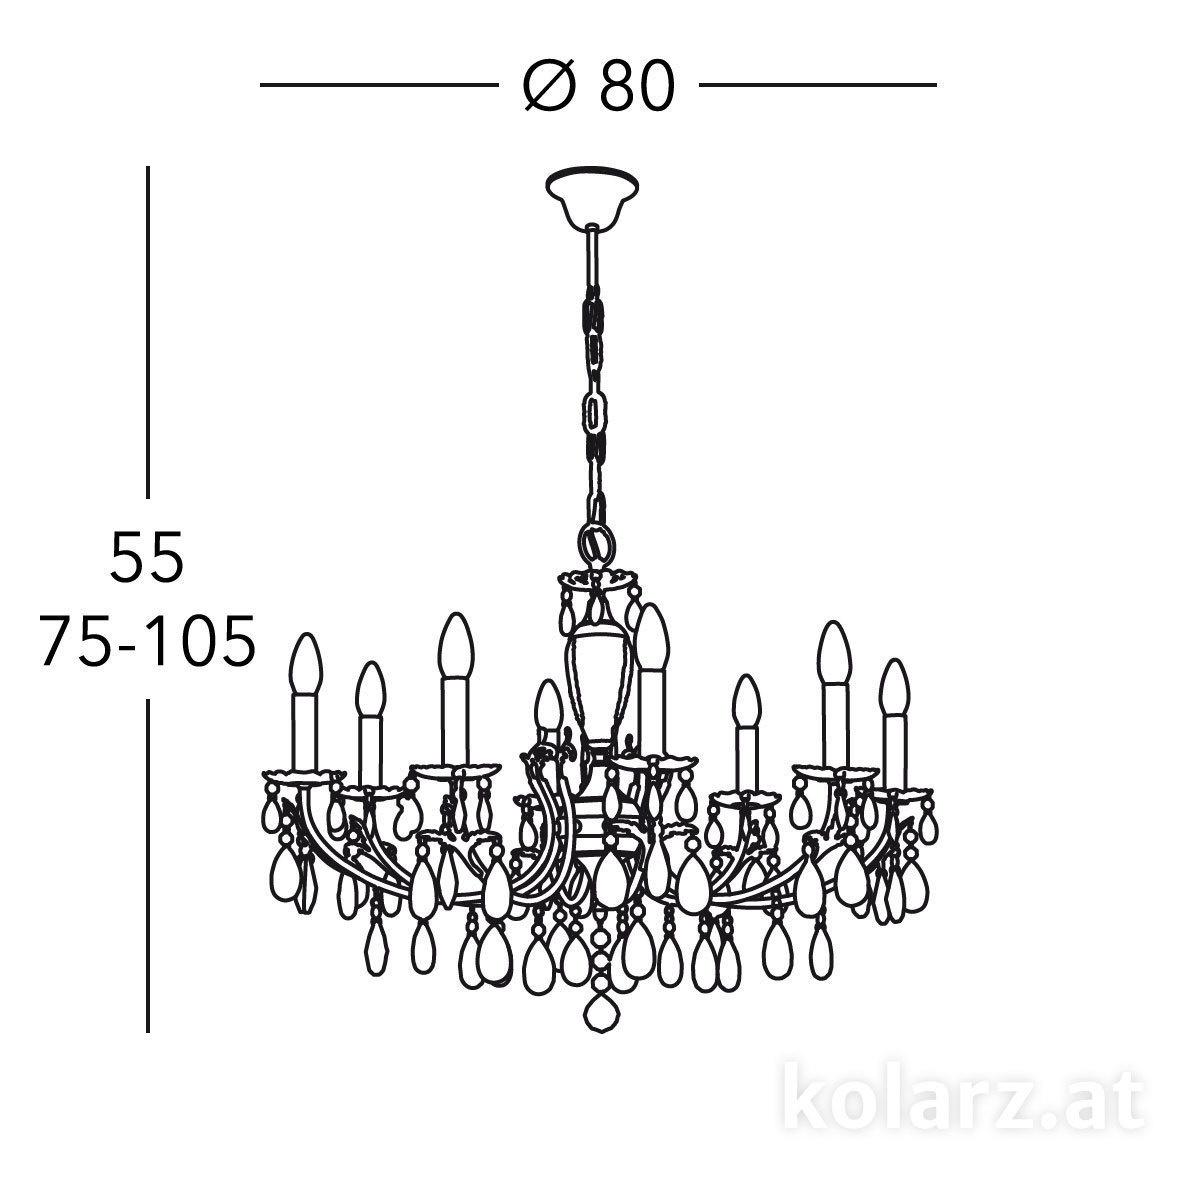 3003-88-3-KoT__al99-s1.jpg